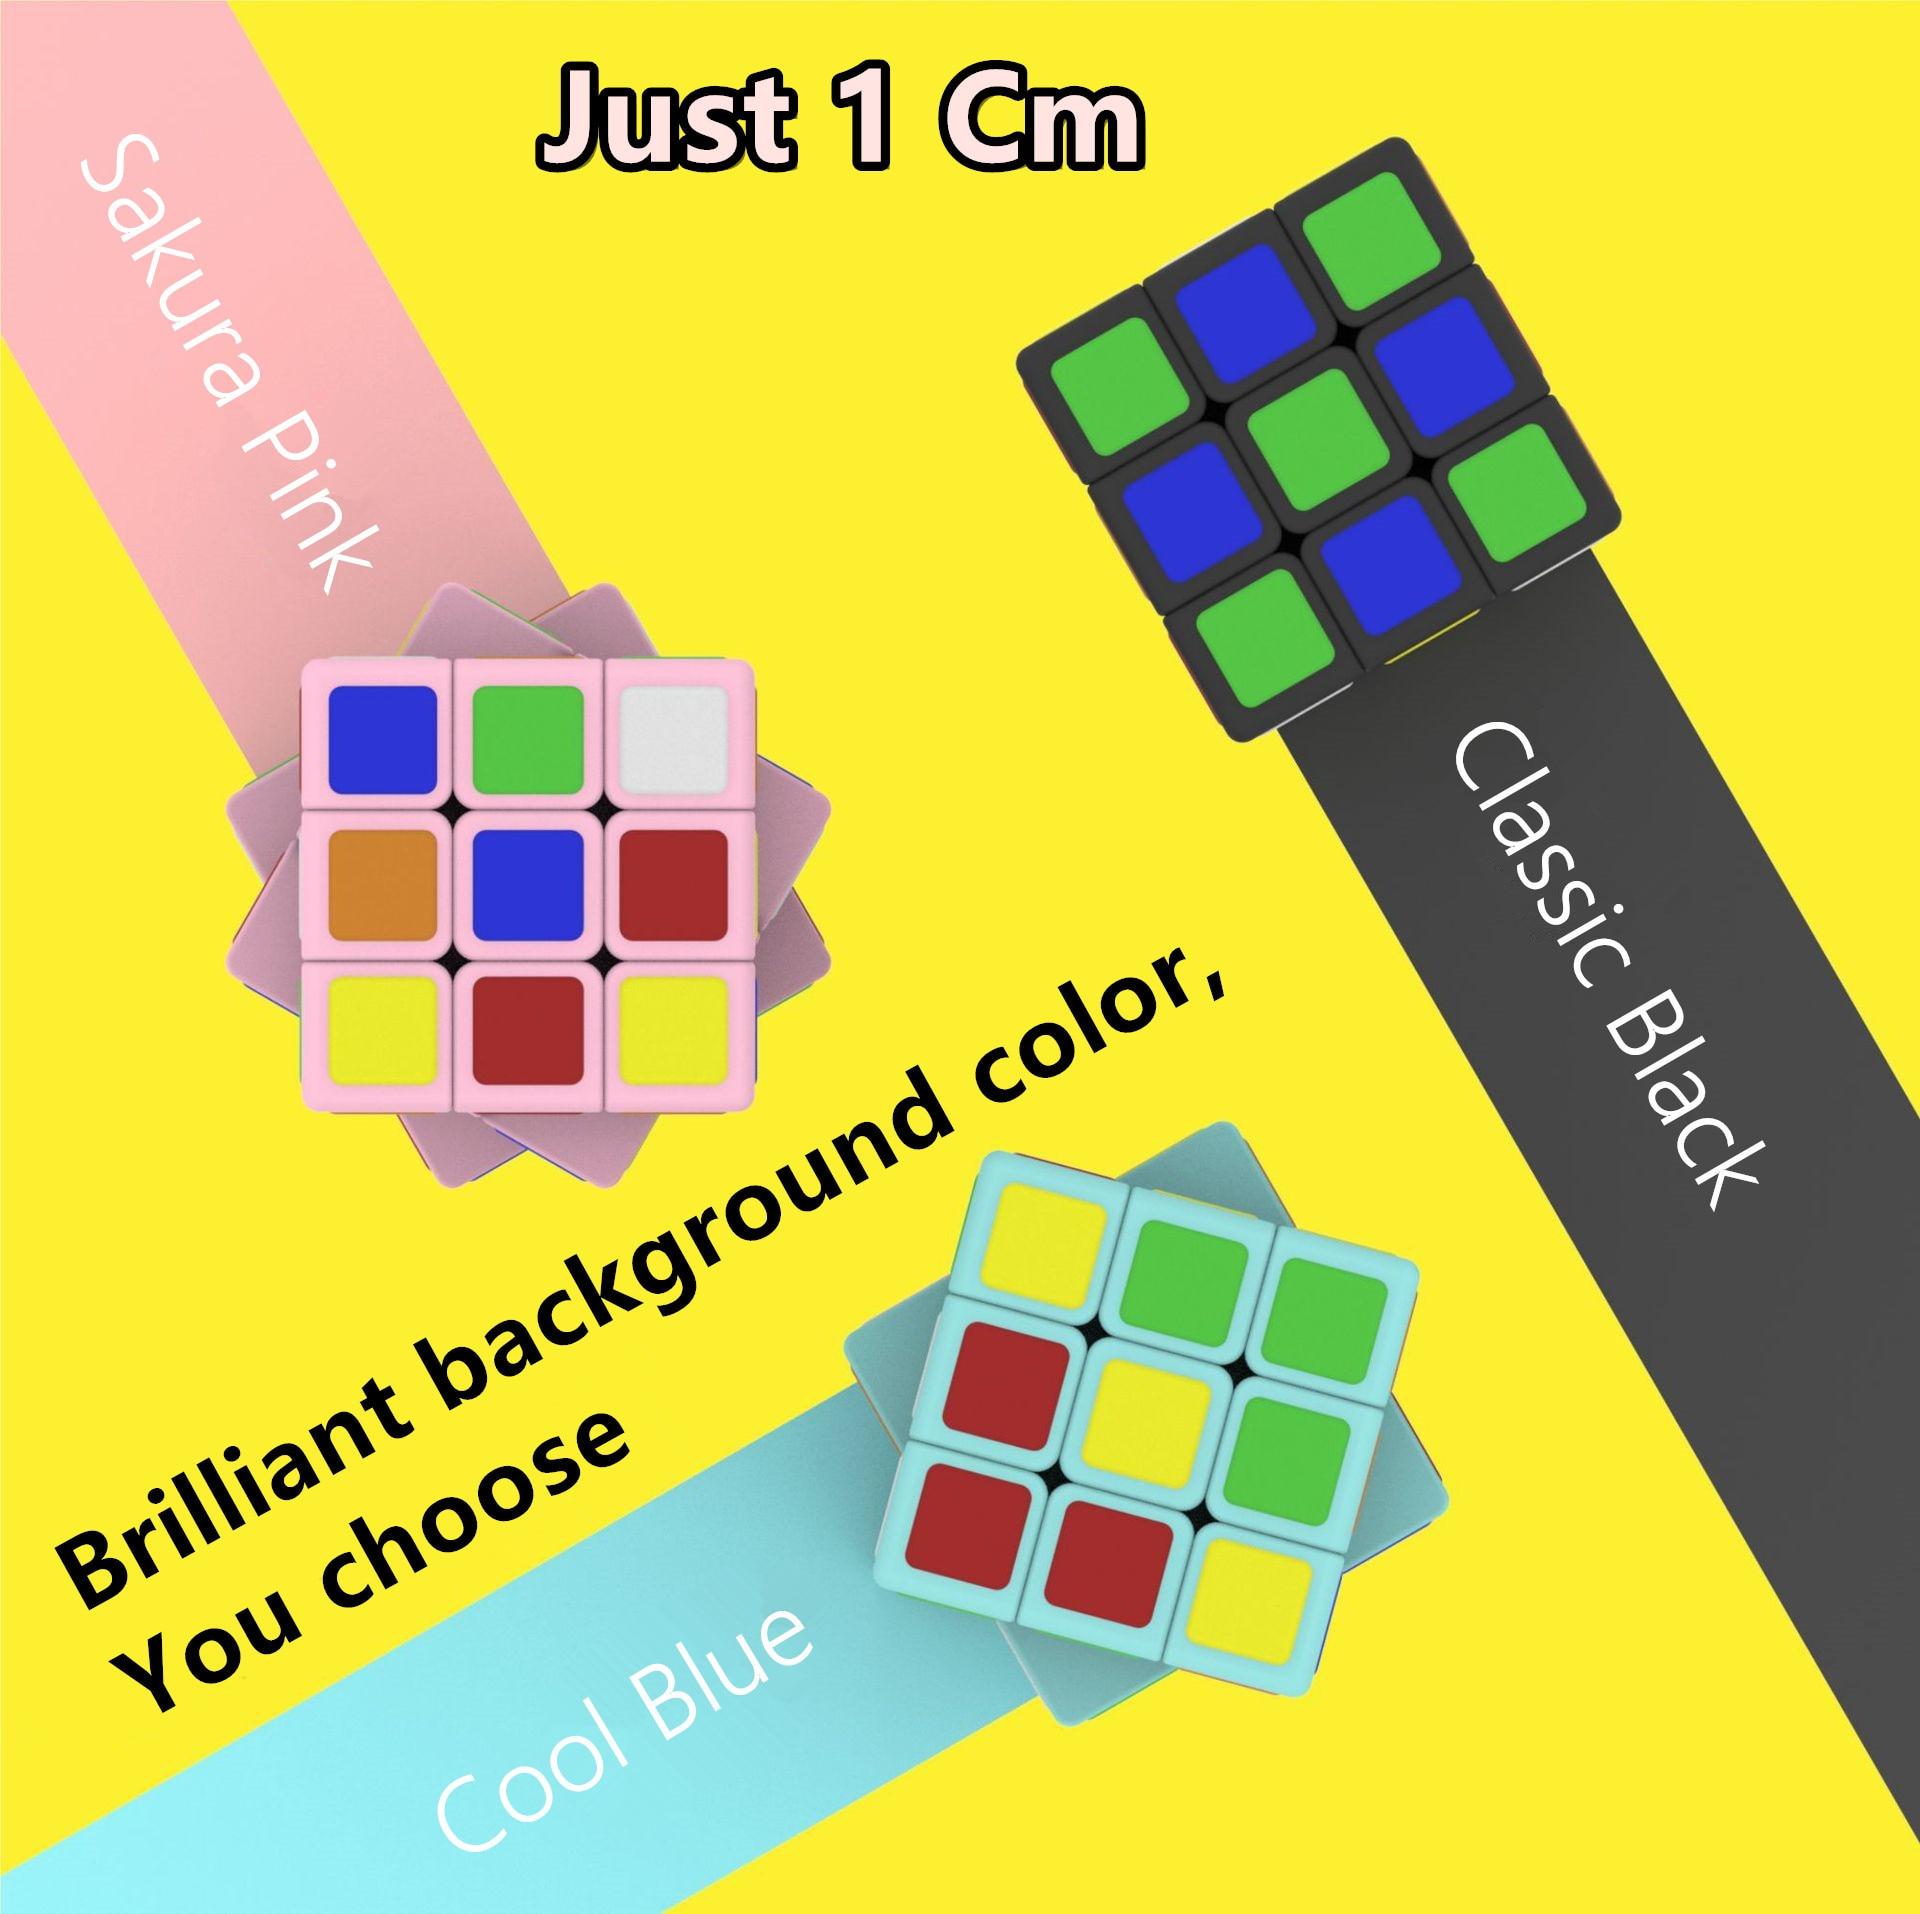 Cubelab 1 см 3x3x3 мини микро магический куб наклейки 3x3 Крошечные 1 см скоростные Кубики-головоломки антистрессовые игрушки